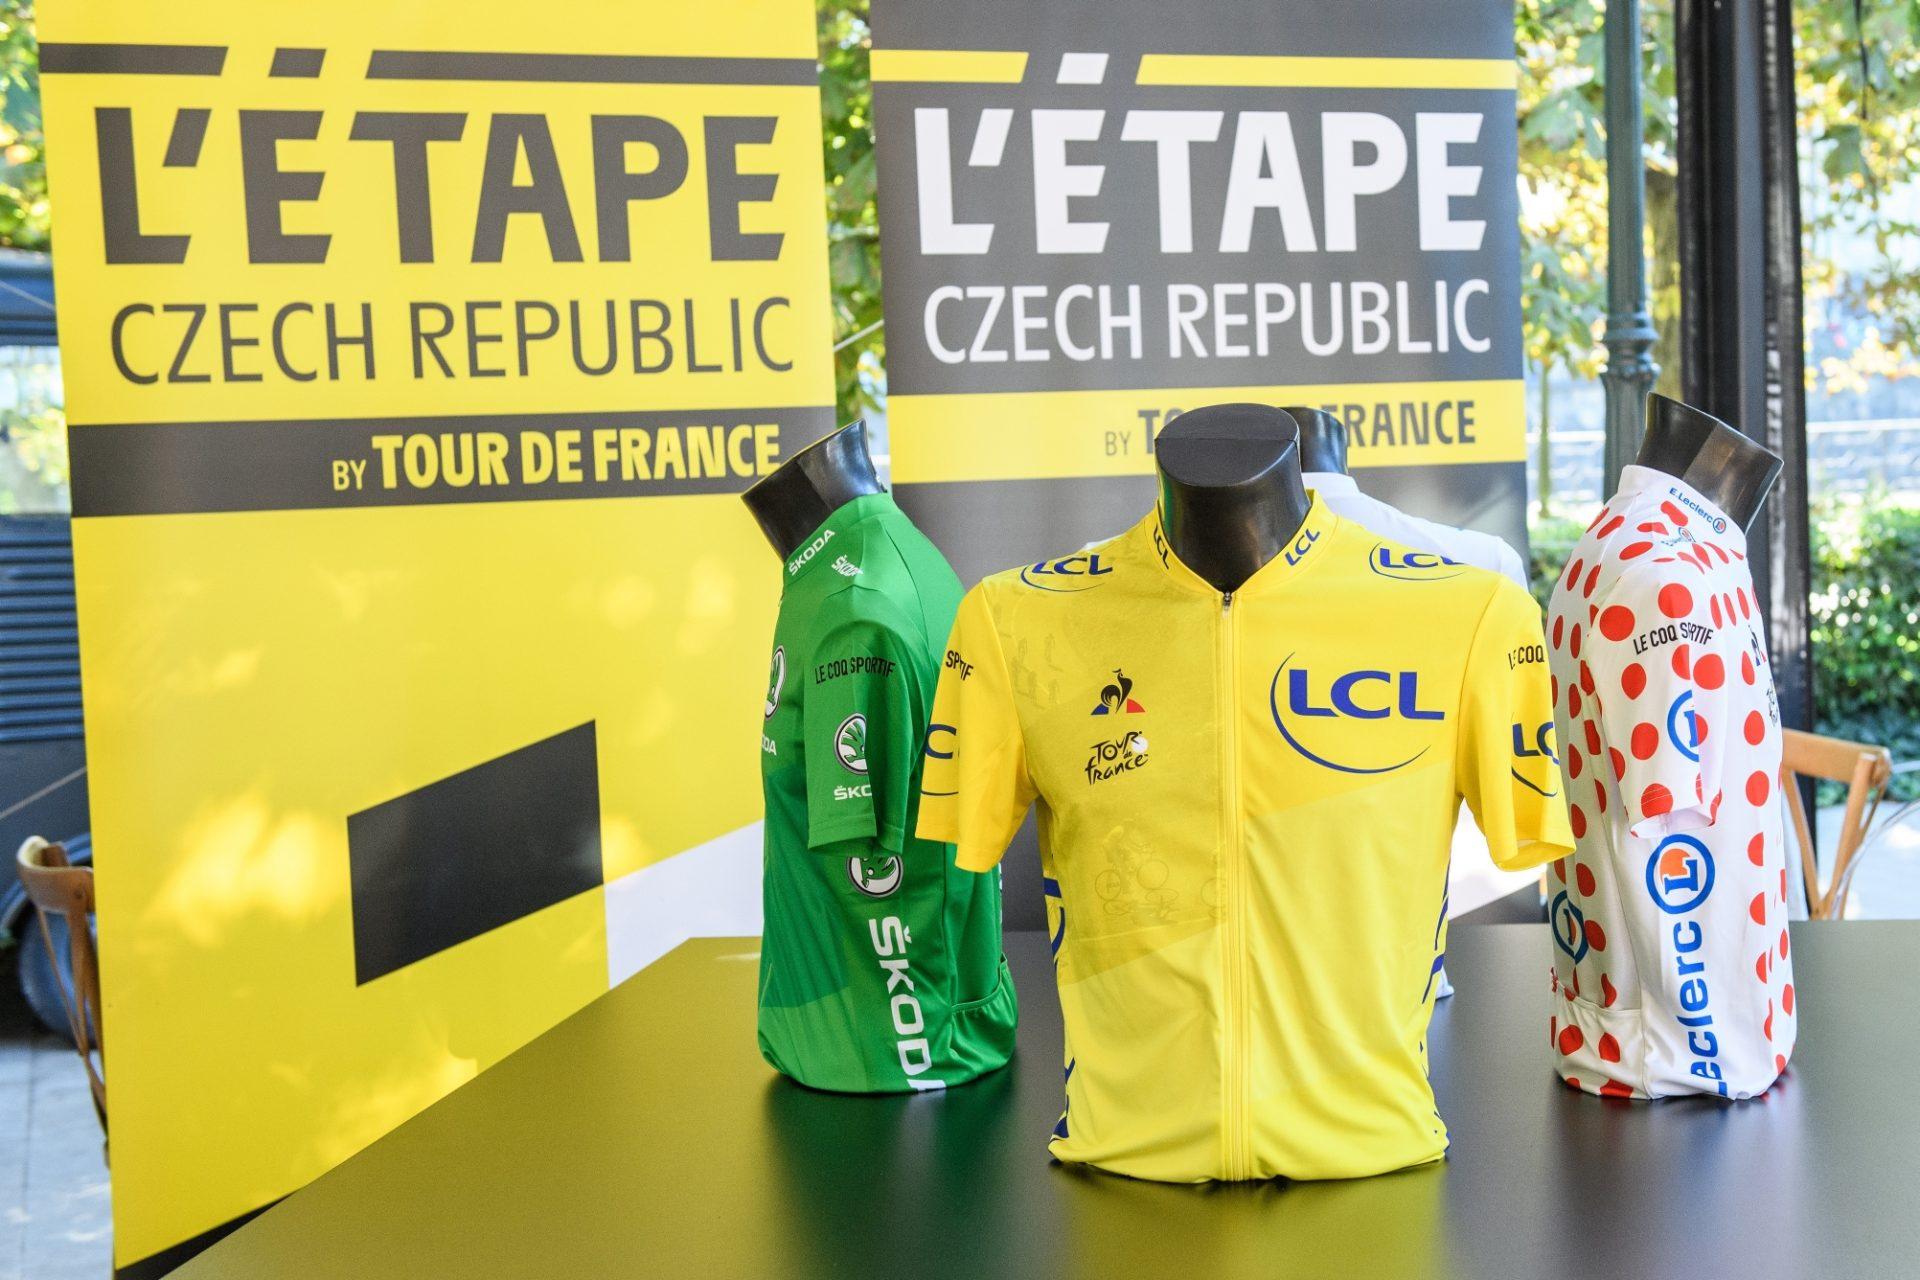 L'Etape Czech Republic by Tour de France a dresy připravené pro vítěze jednotlivých soutěží.